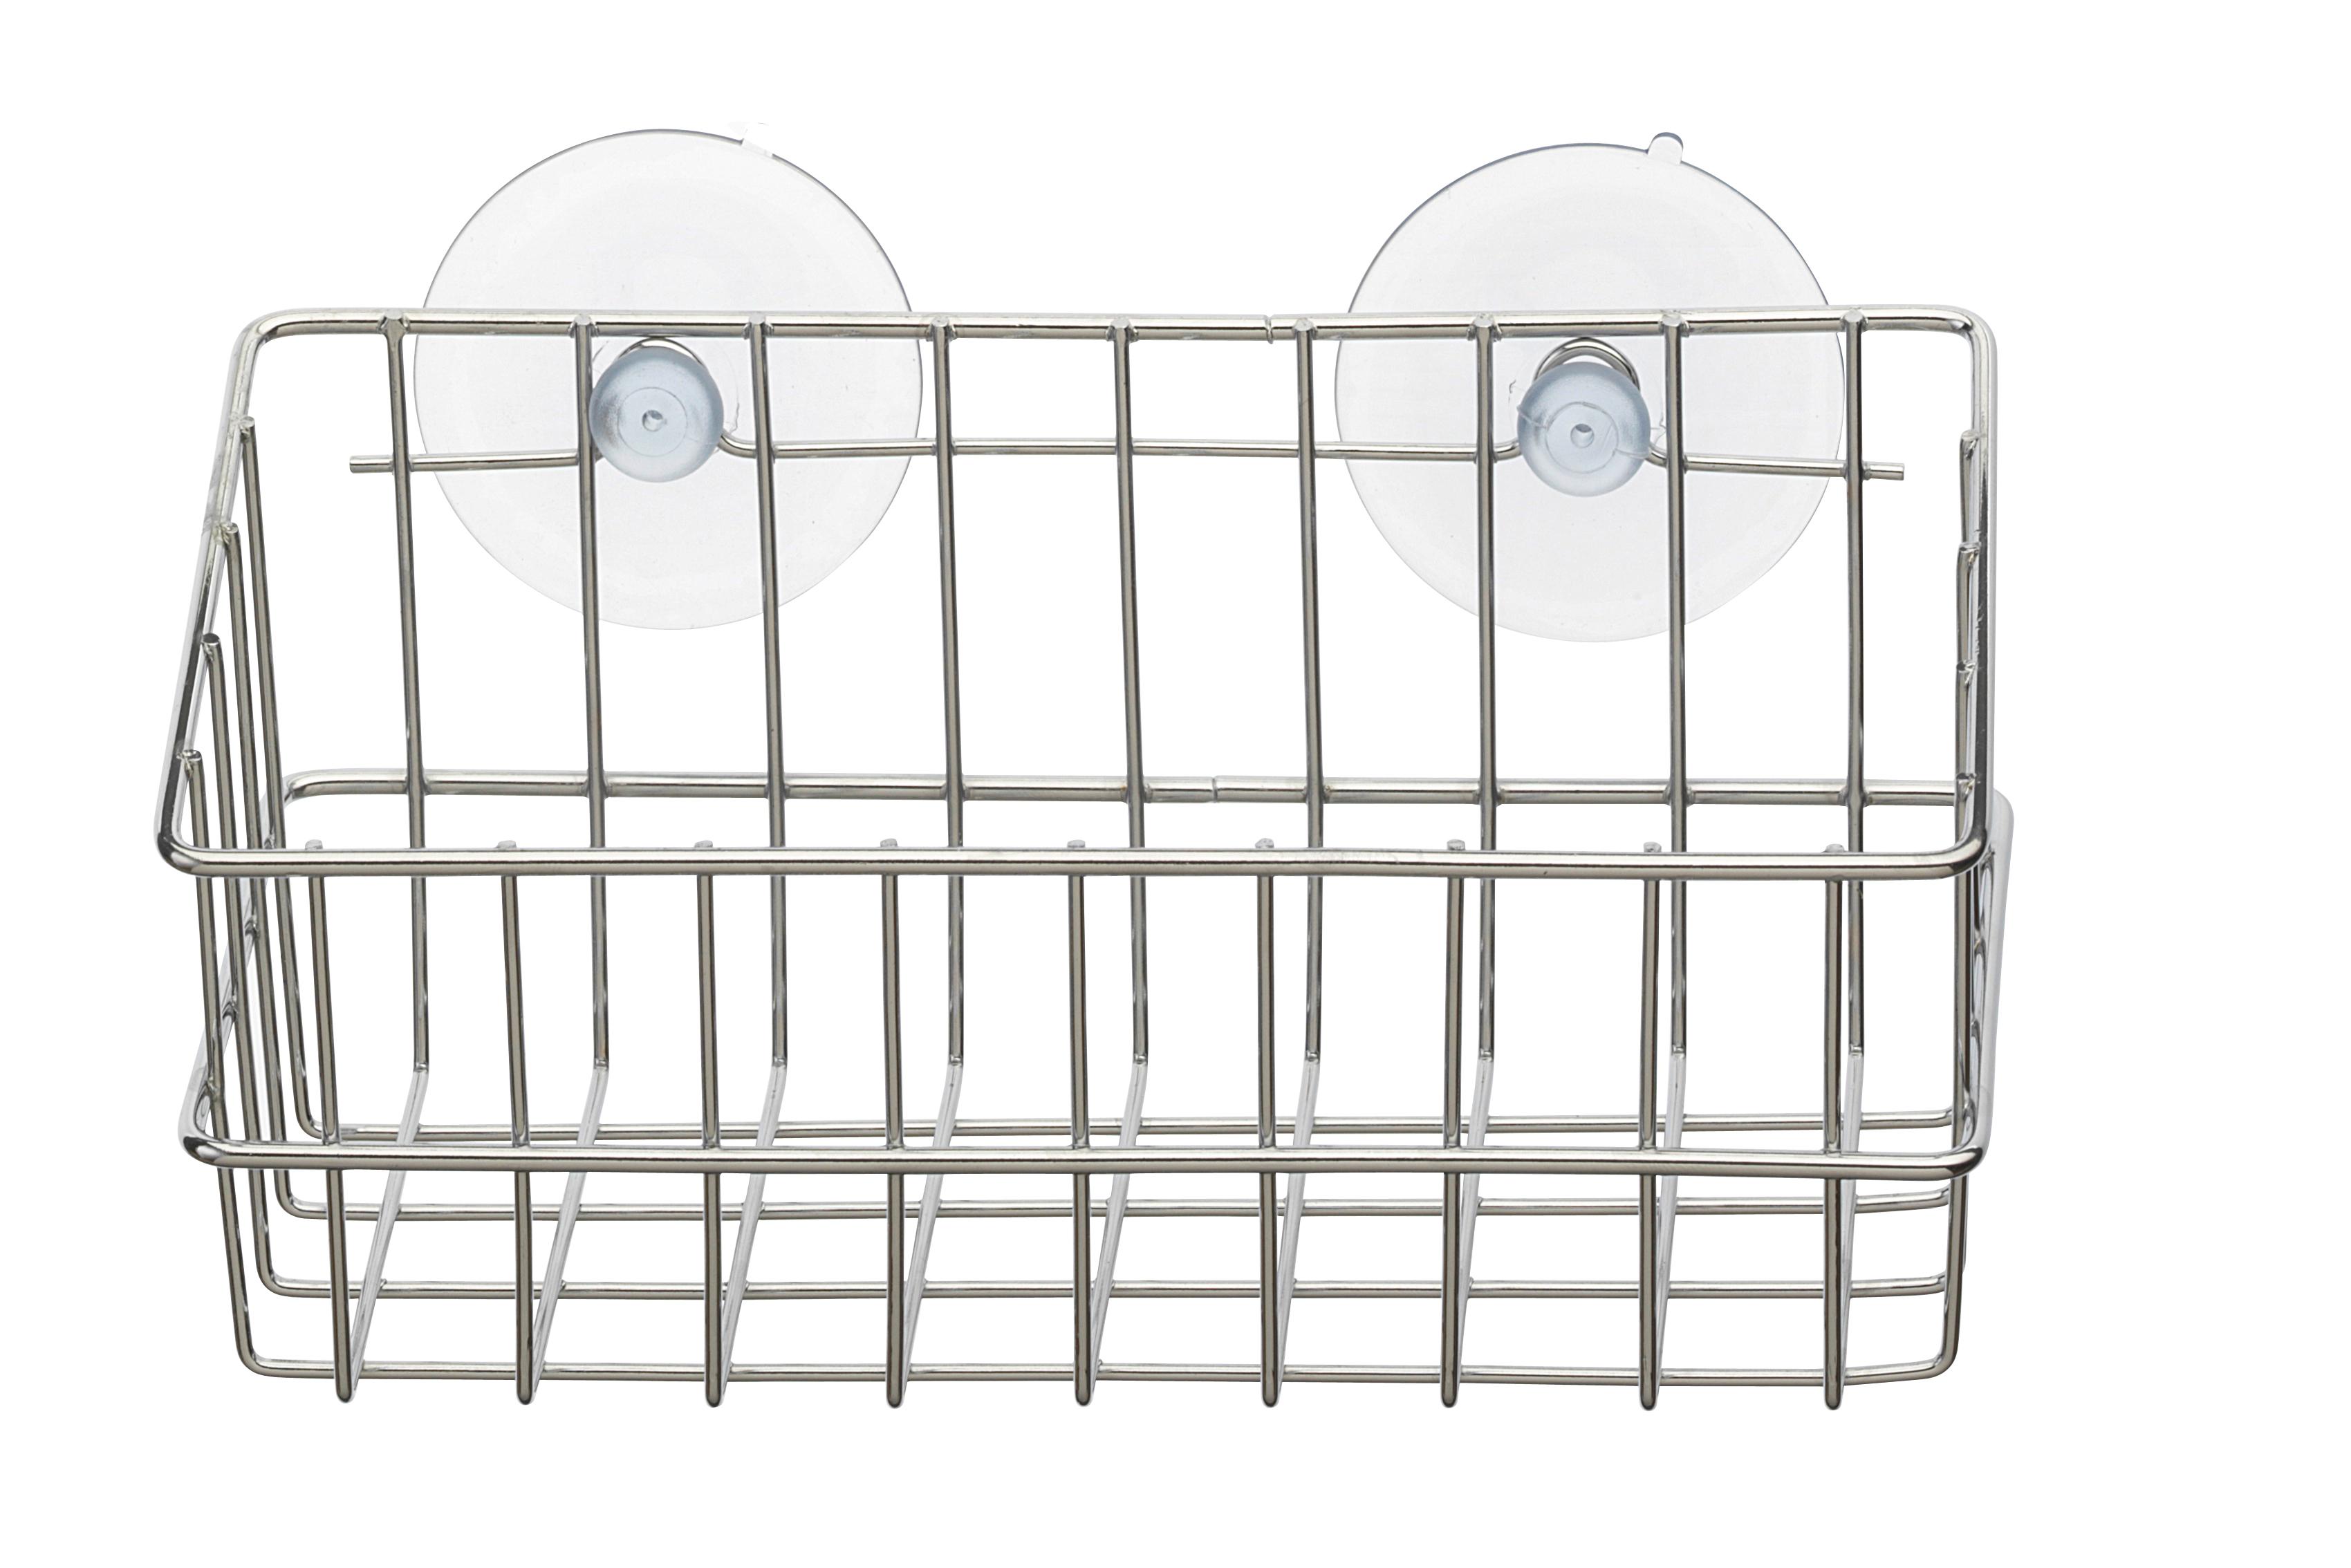 Корзинка для ванной Top Star, на присосках, 19,5 х 9 х 9 см391602Настенная корзинка для ванной комнаты Top Star изготовлена из высококачественной хромированной стали, устойчивой к высокой влажности. Глубокая корзинка прямоугольной формы отлично подойдет для хранения тюбиков гелей для душа, шампуней, мочалок и прочего. Изделие крепится к стене с помощью присосок (входят в комплект).